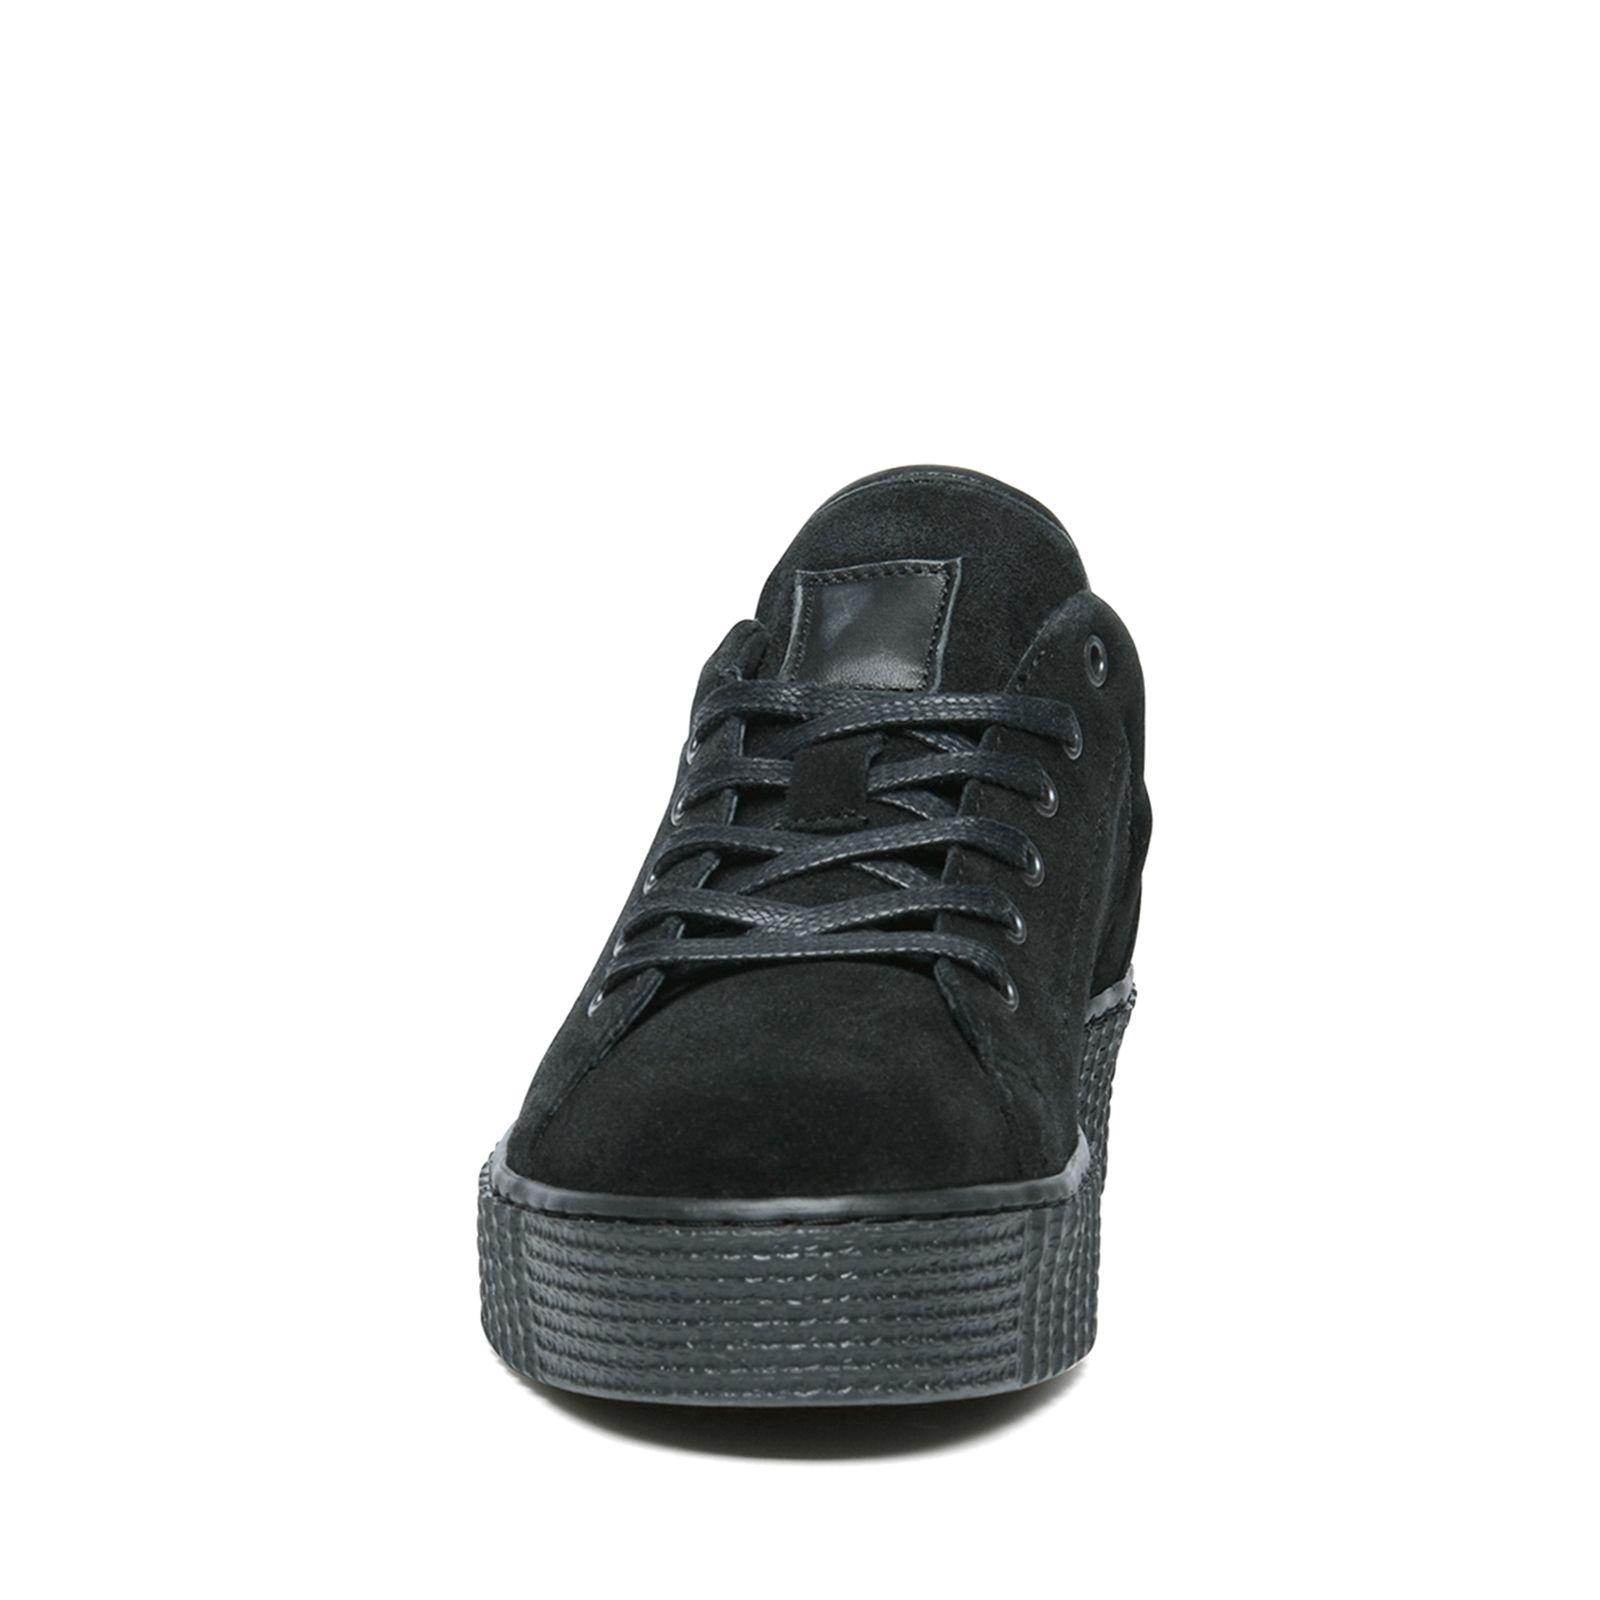 Manfield Sneakers Zool Zwarte Dames Platform nPWxOzz